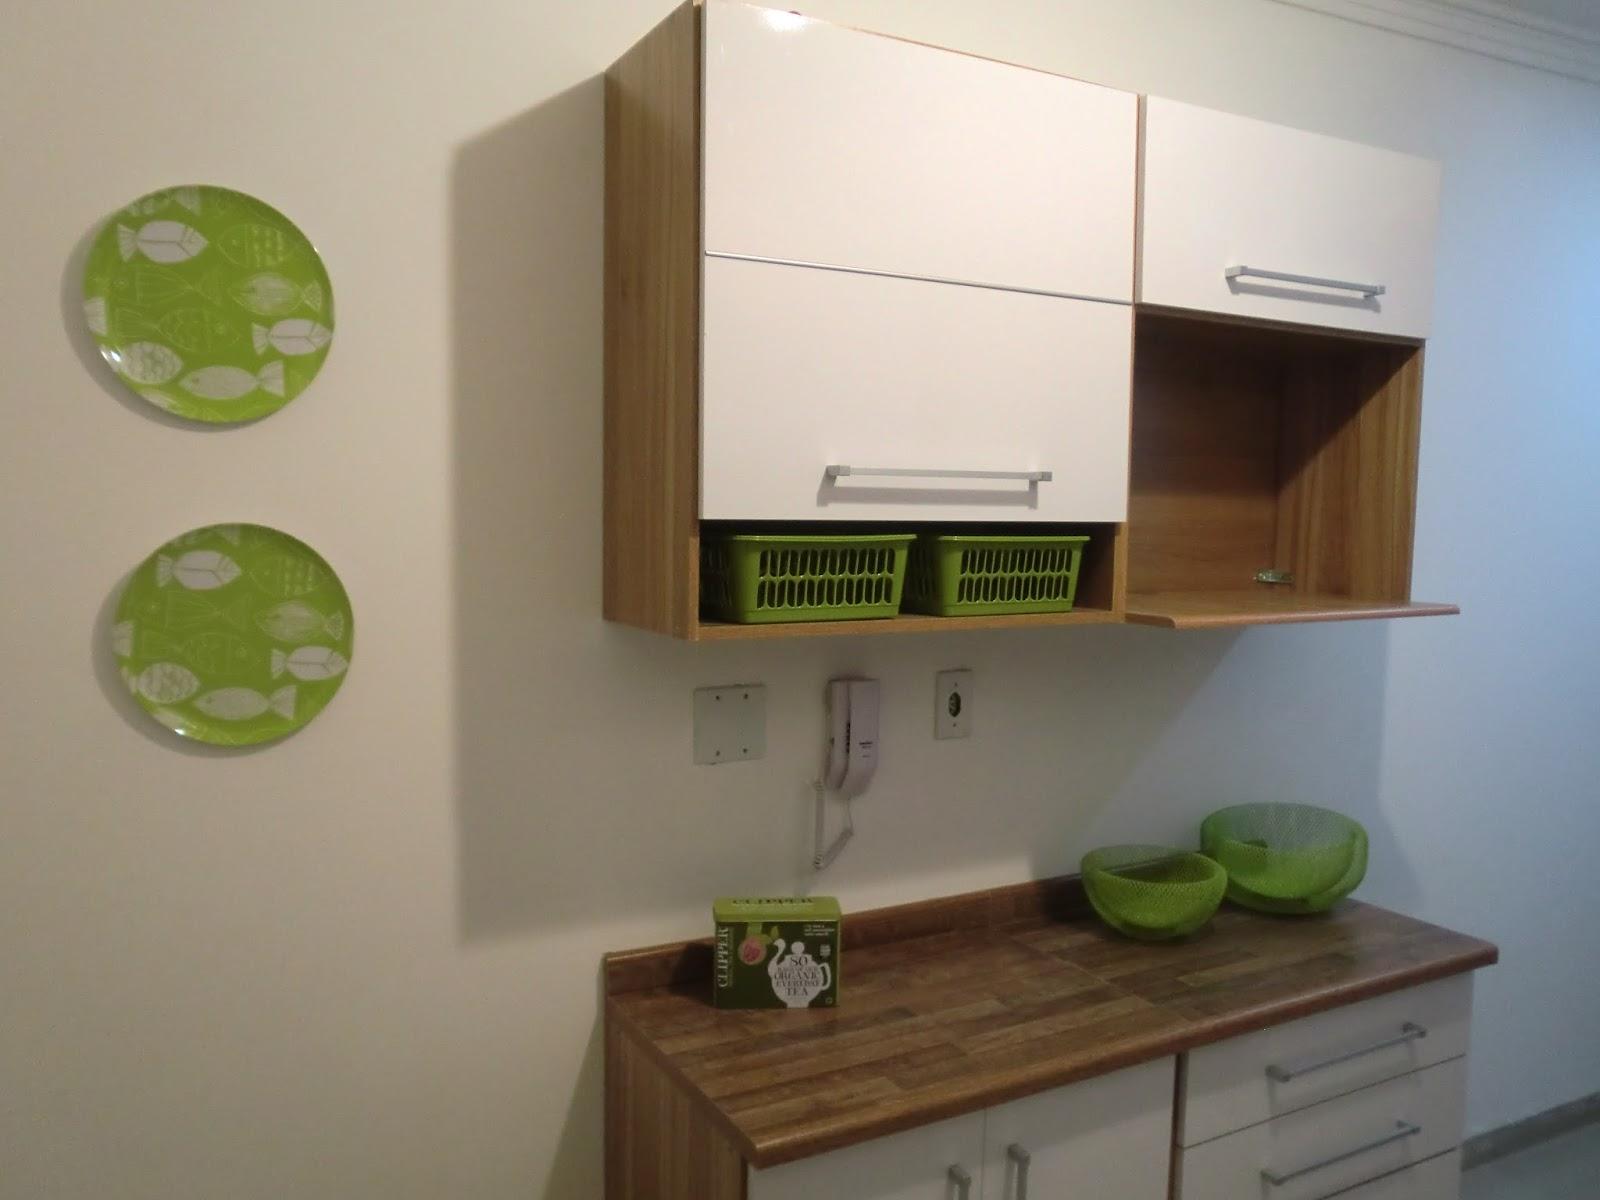 Reforma do Apartamento Antes e Depois da Cozinha do Apartamento  #4D5D2A 1600 1200